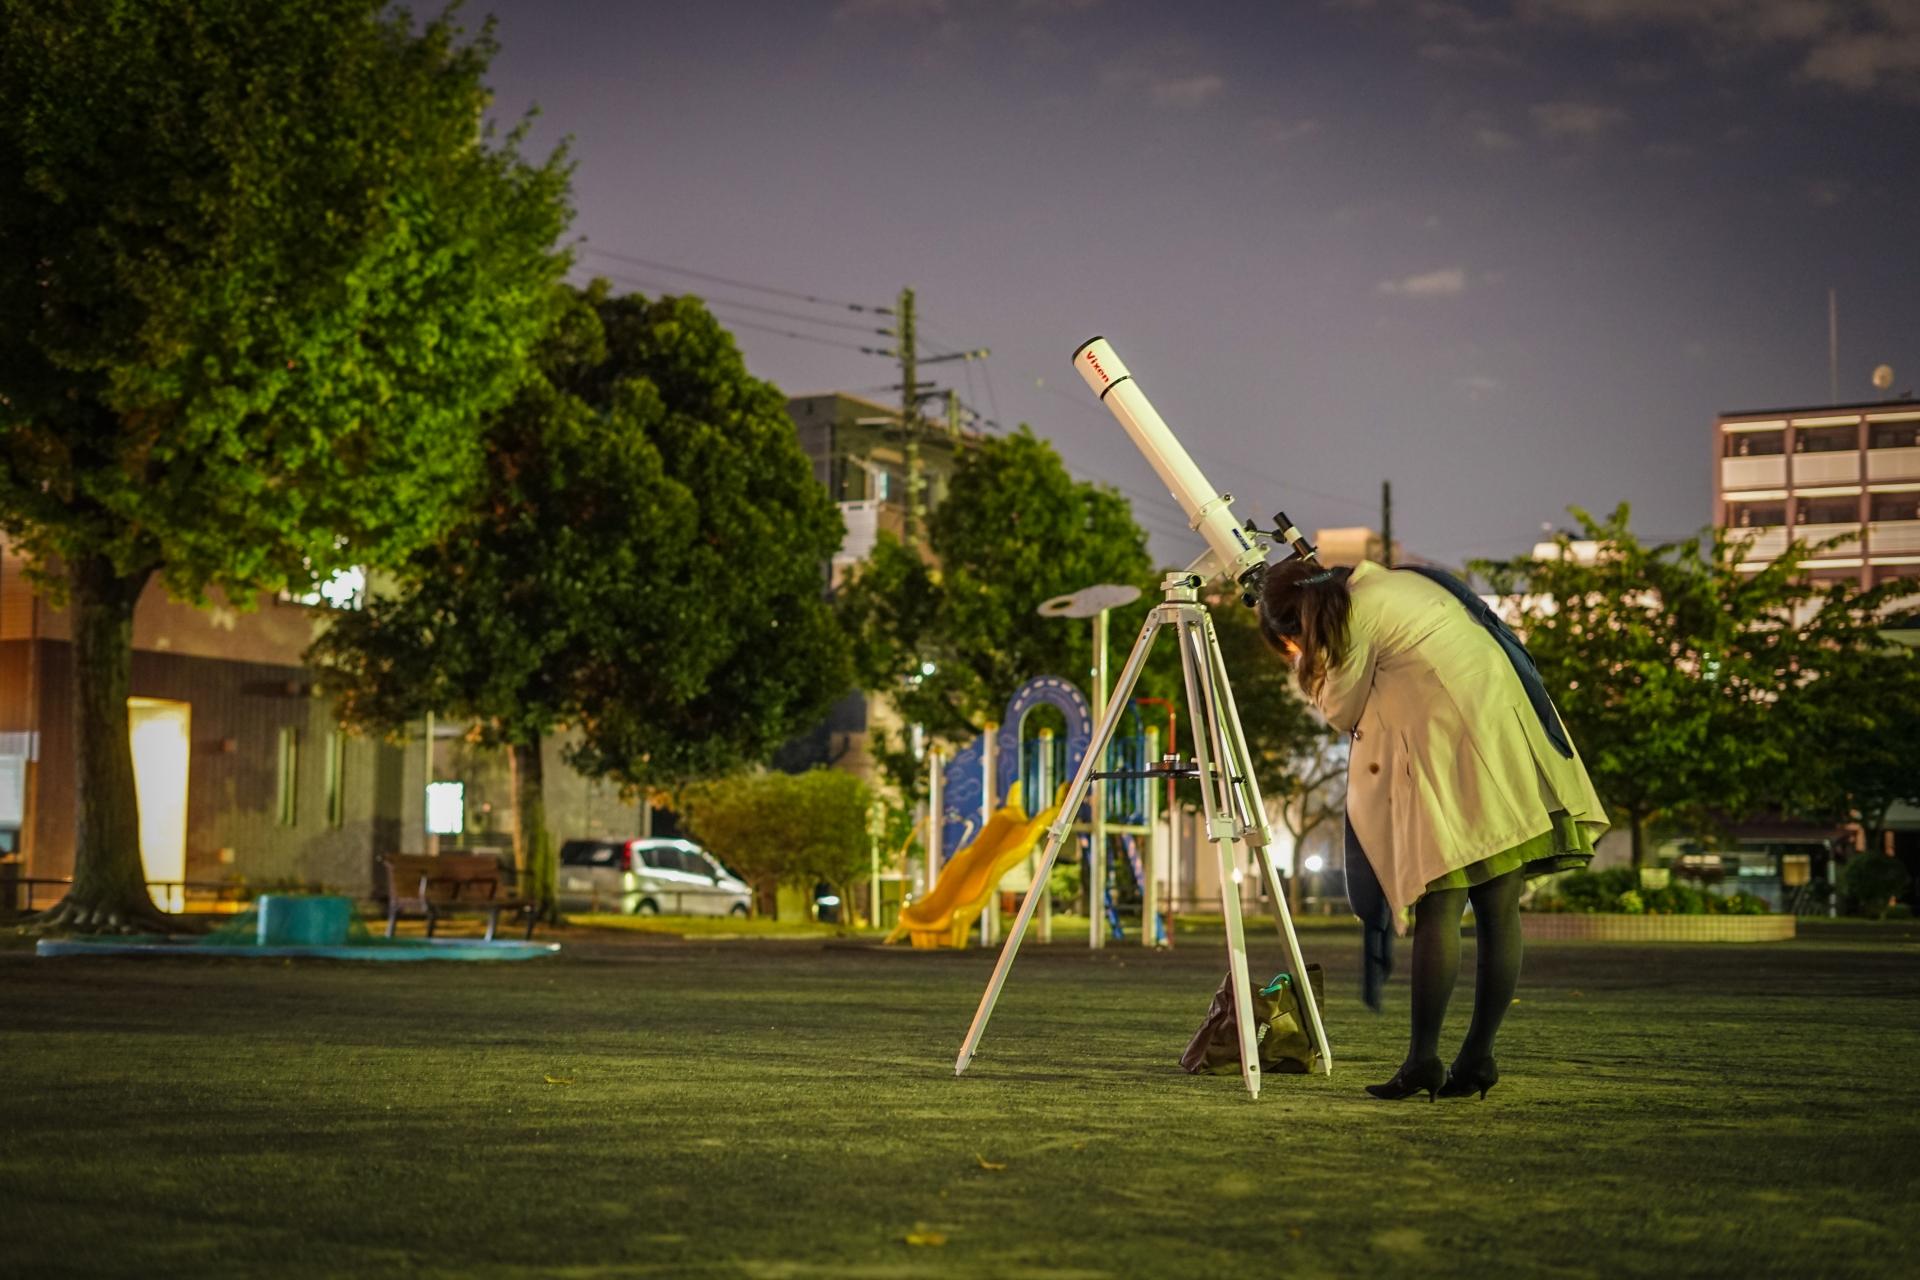 あなたの家で星空を楽しむなら!「自宅で天体観測」サービスに注目 - 86ca76dde46ee505f5f7f0617fbddd7e m